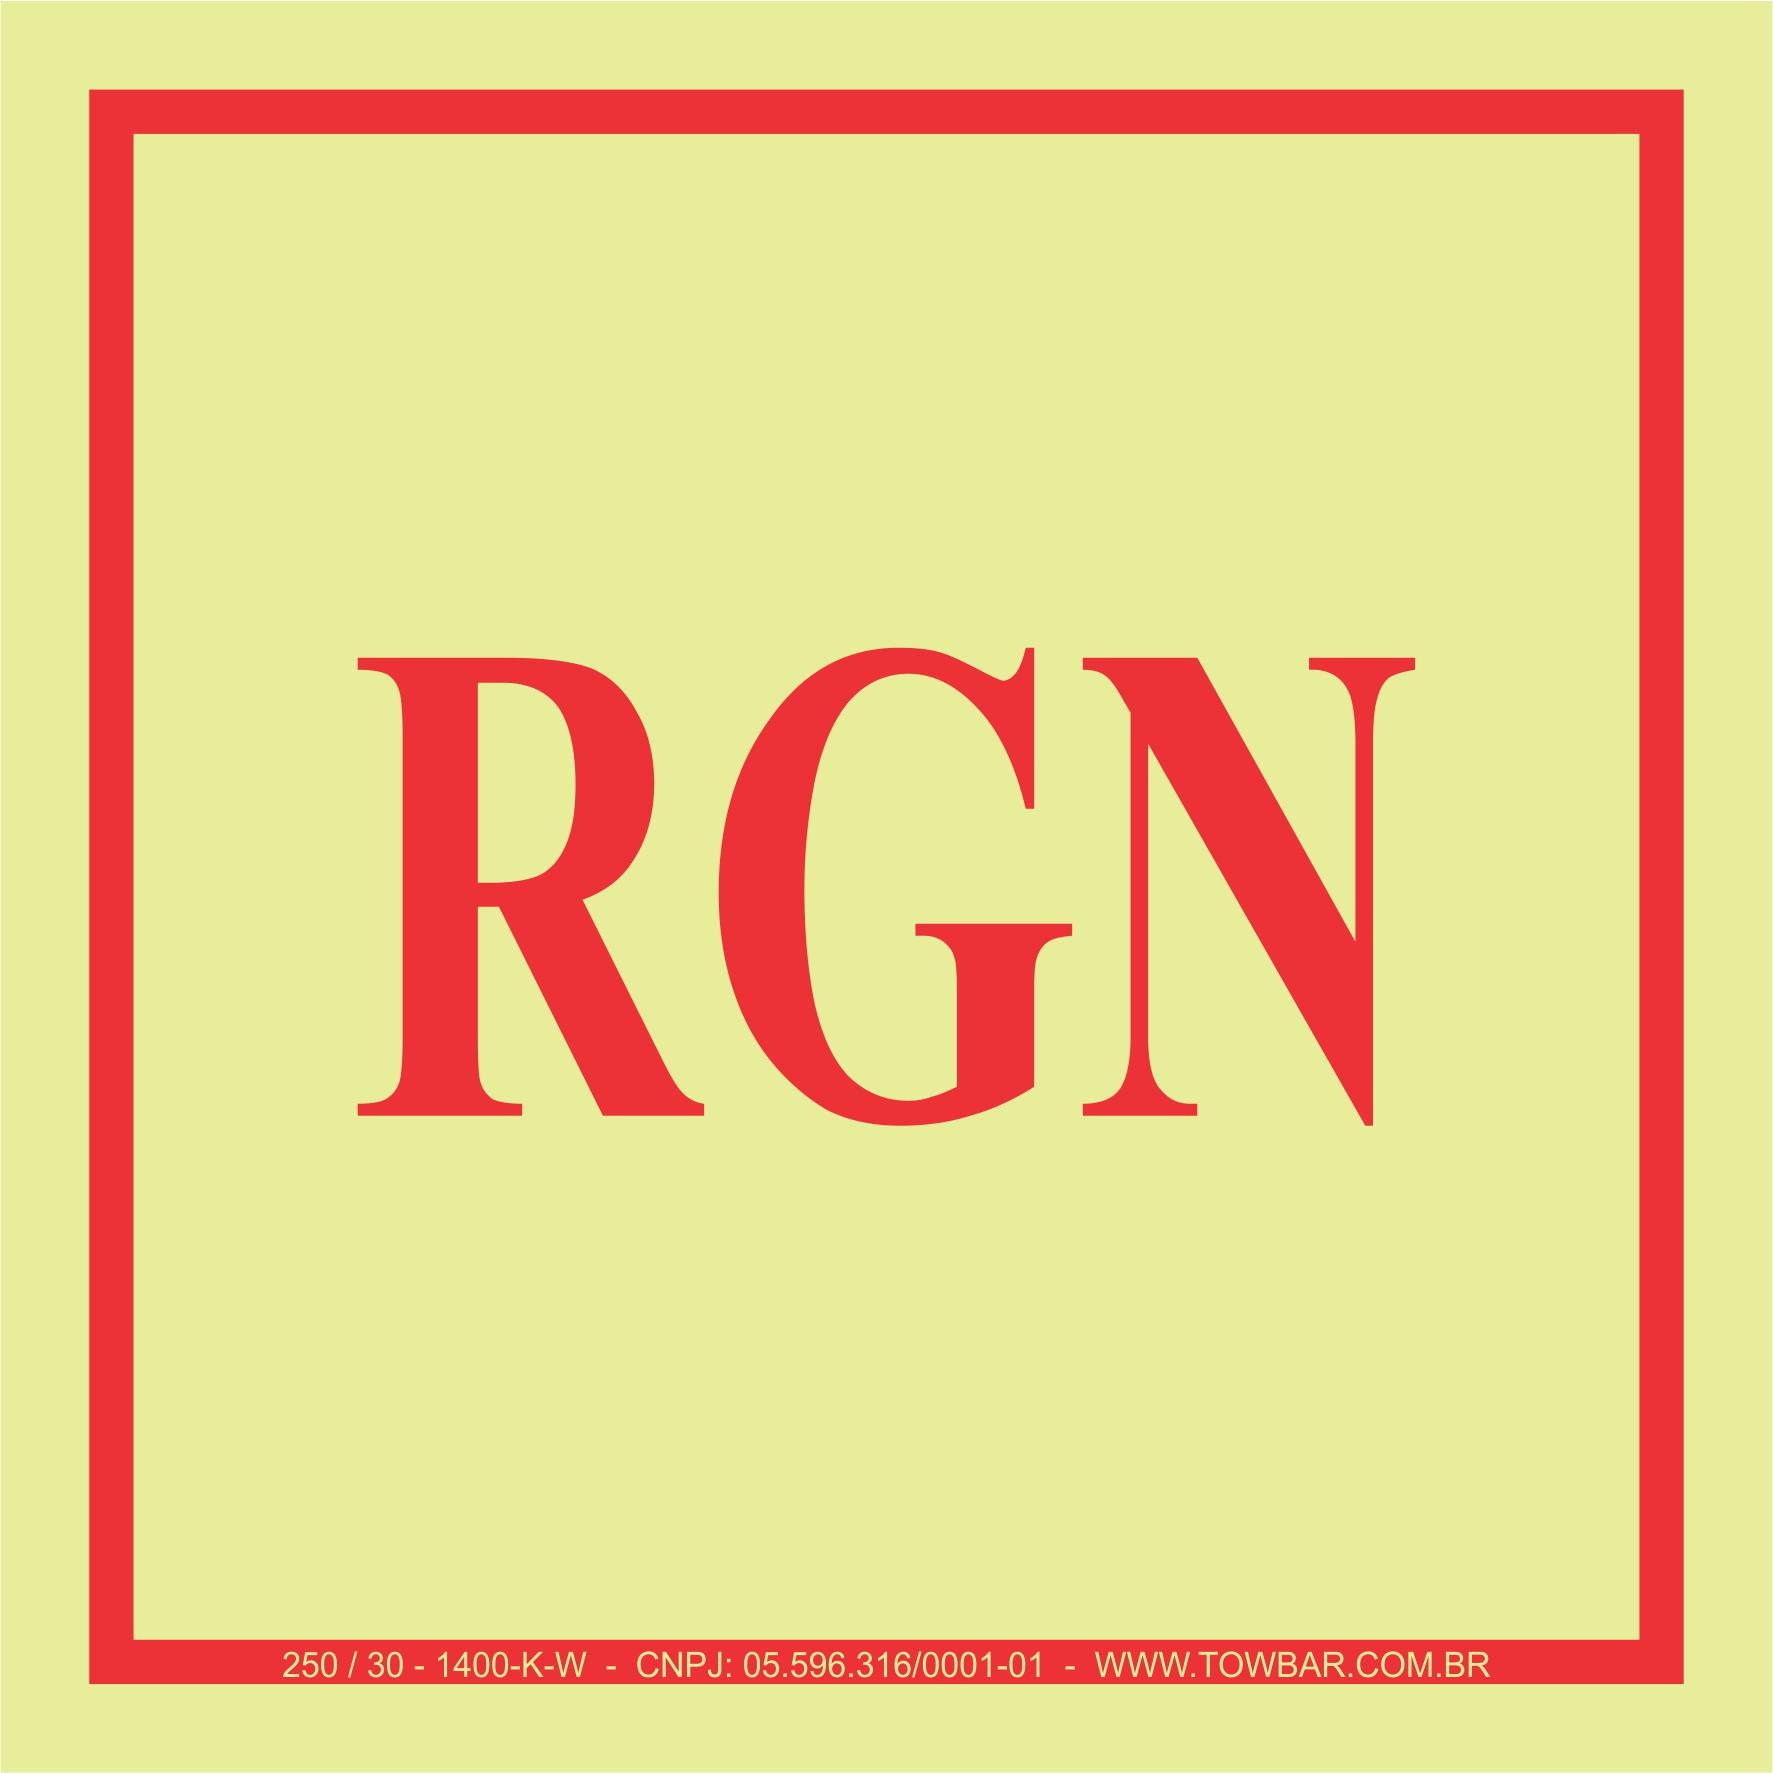 RGN  - Towbar Sinalização de Segurança